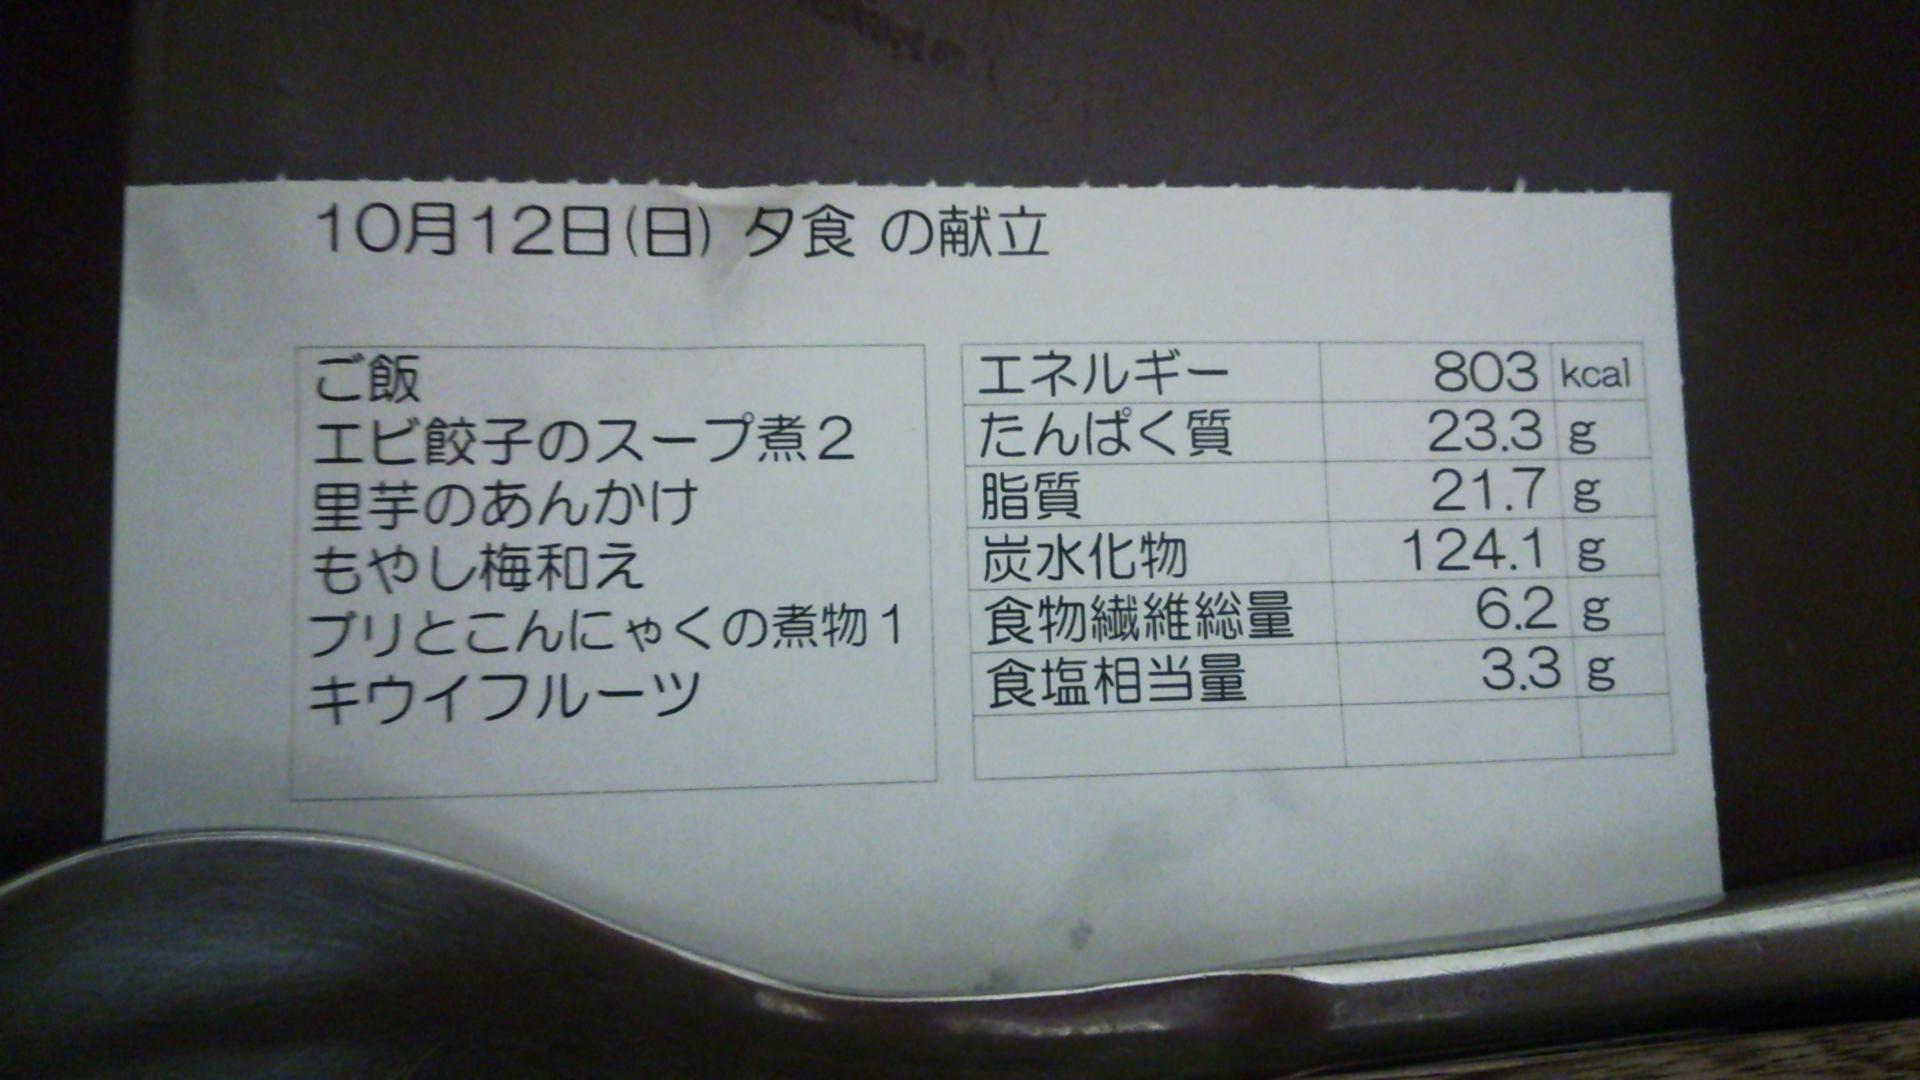 10月12日(日)夕食の献立